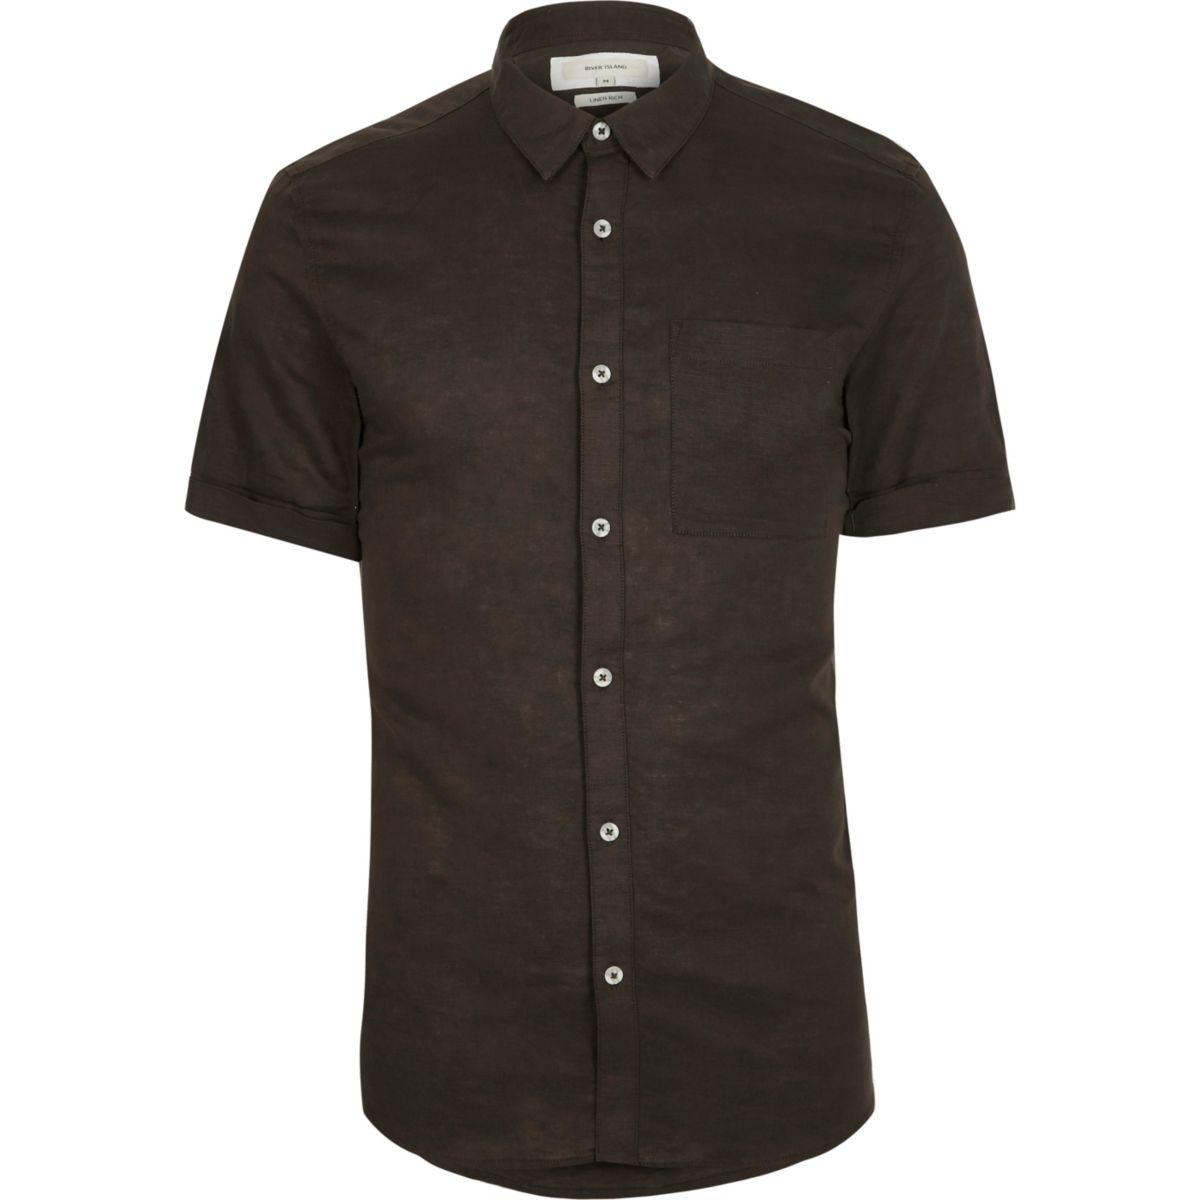 Khaki green linen blend short sleeve shirt